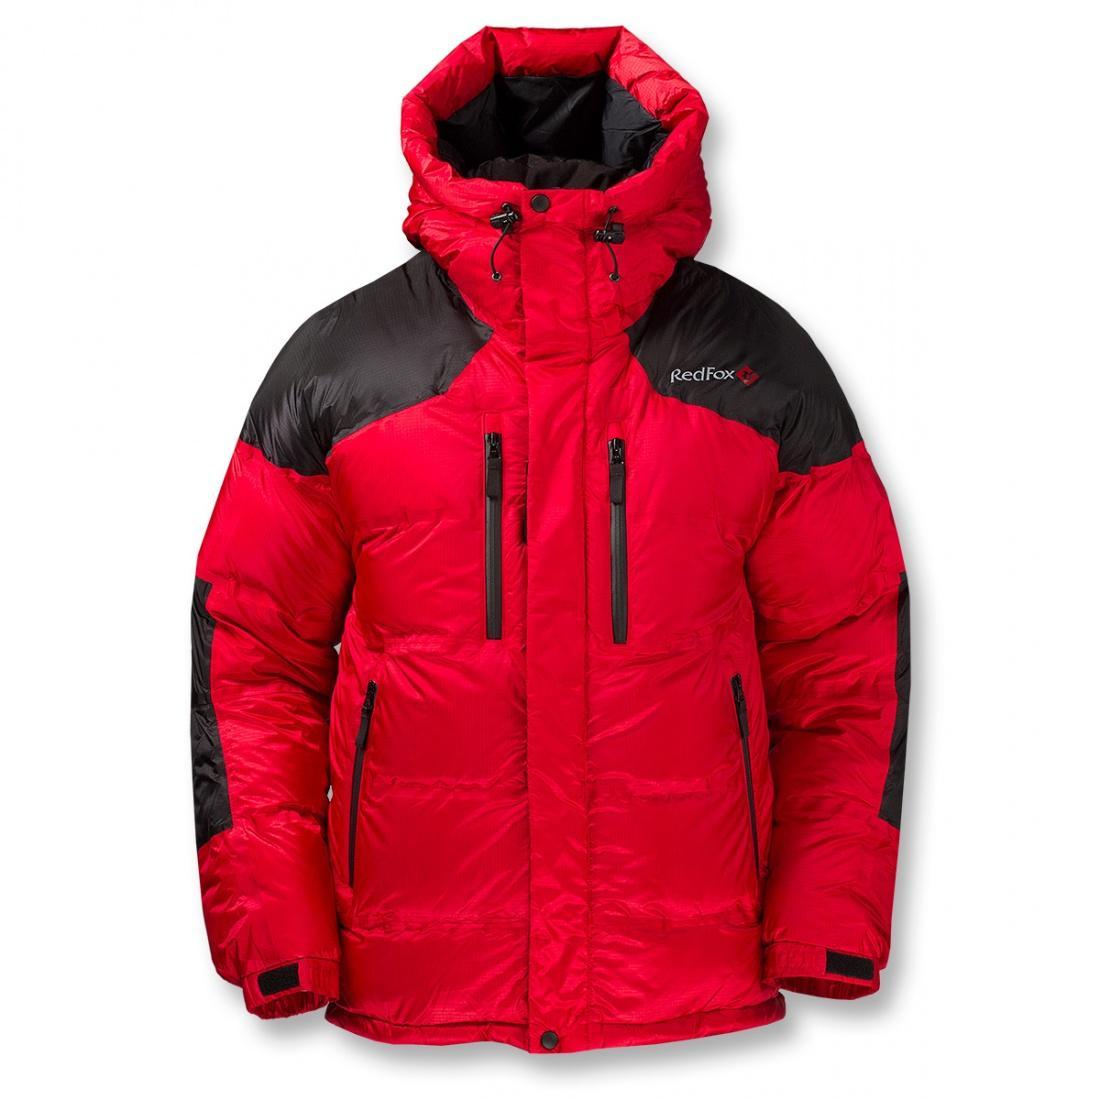 Куртка пуховая Extreme IIКуртки<br>Куртка из мембранных материалов для экстремальных условий. <br><br><br>Материал: Dry Factor 10000<br> <br>Подкладка: Nylon DP<br>Утеплитель: гус...<br><br>Цвет: Красный<br>Размер: 50